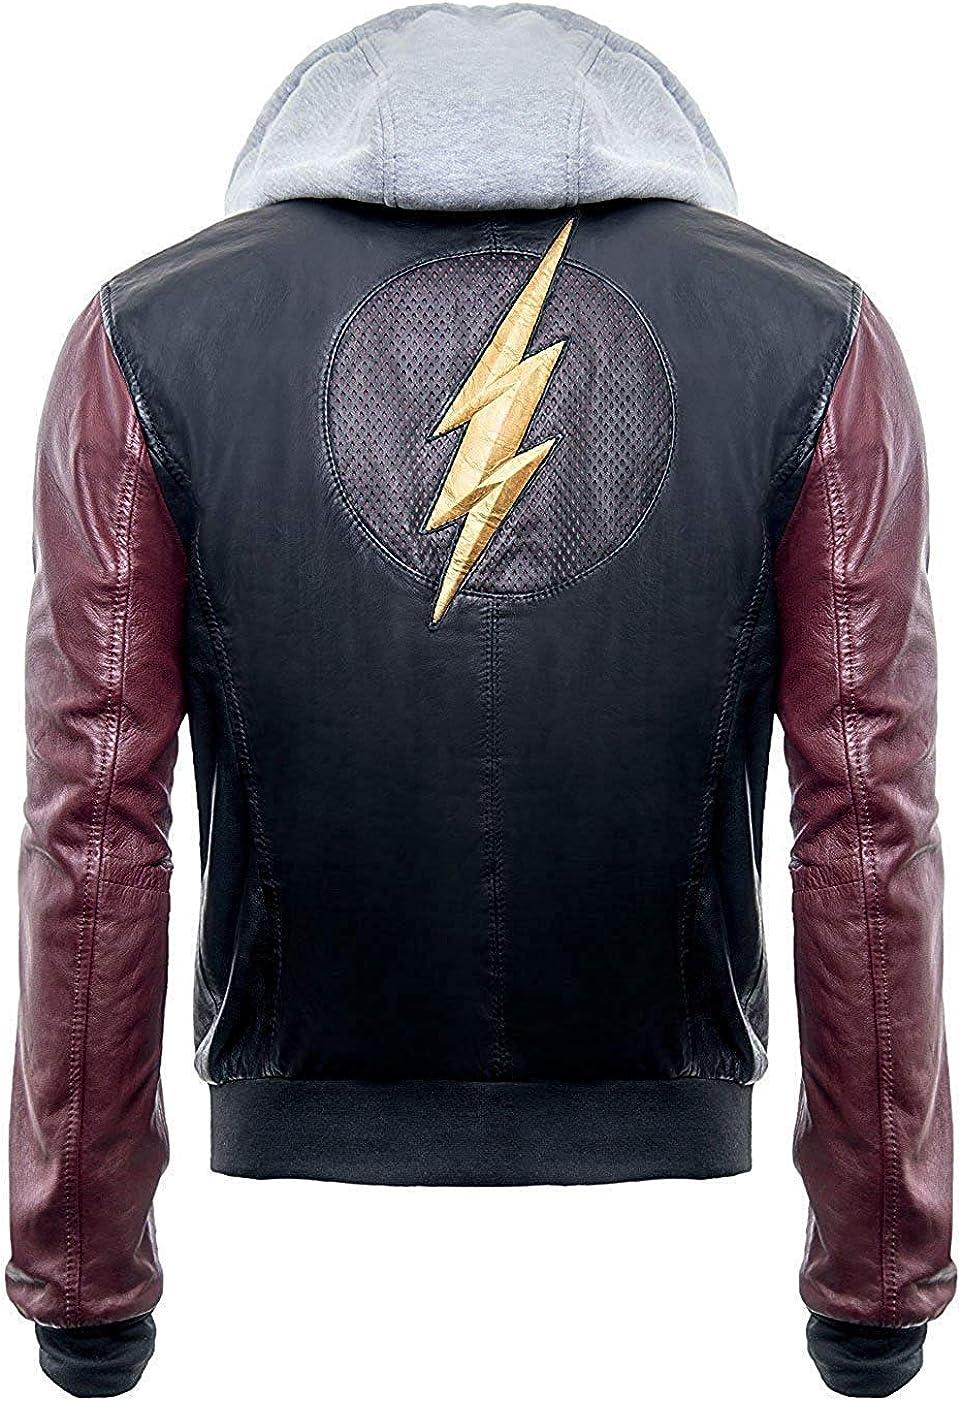 Superhero Flash Hoodie Black Real Leather Mens Jacket